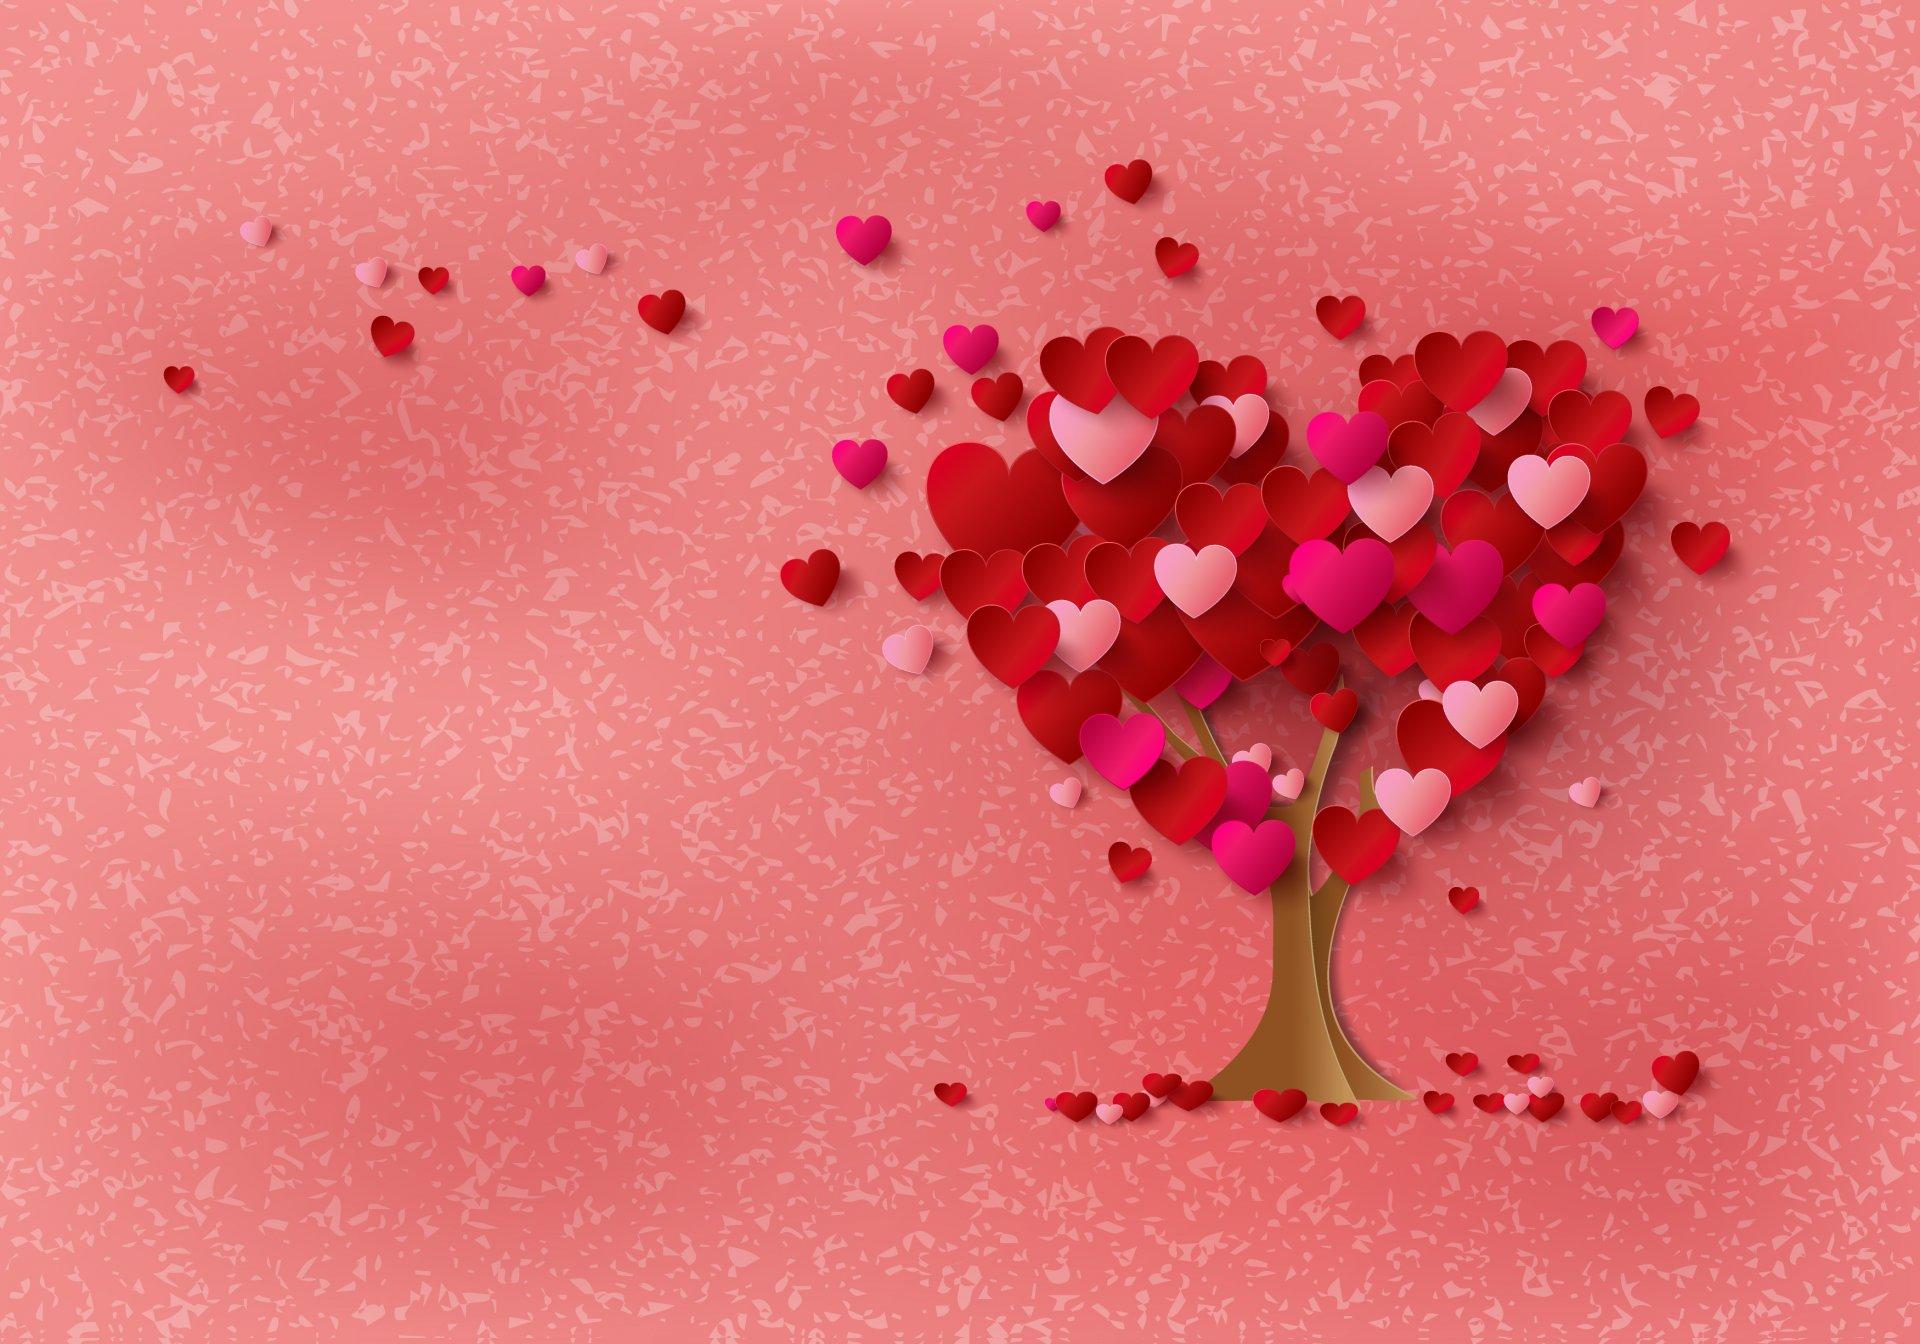 Картинки с сердечками для родных